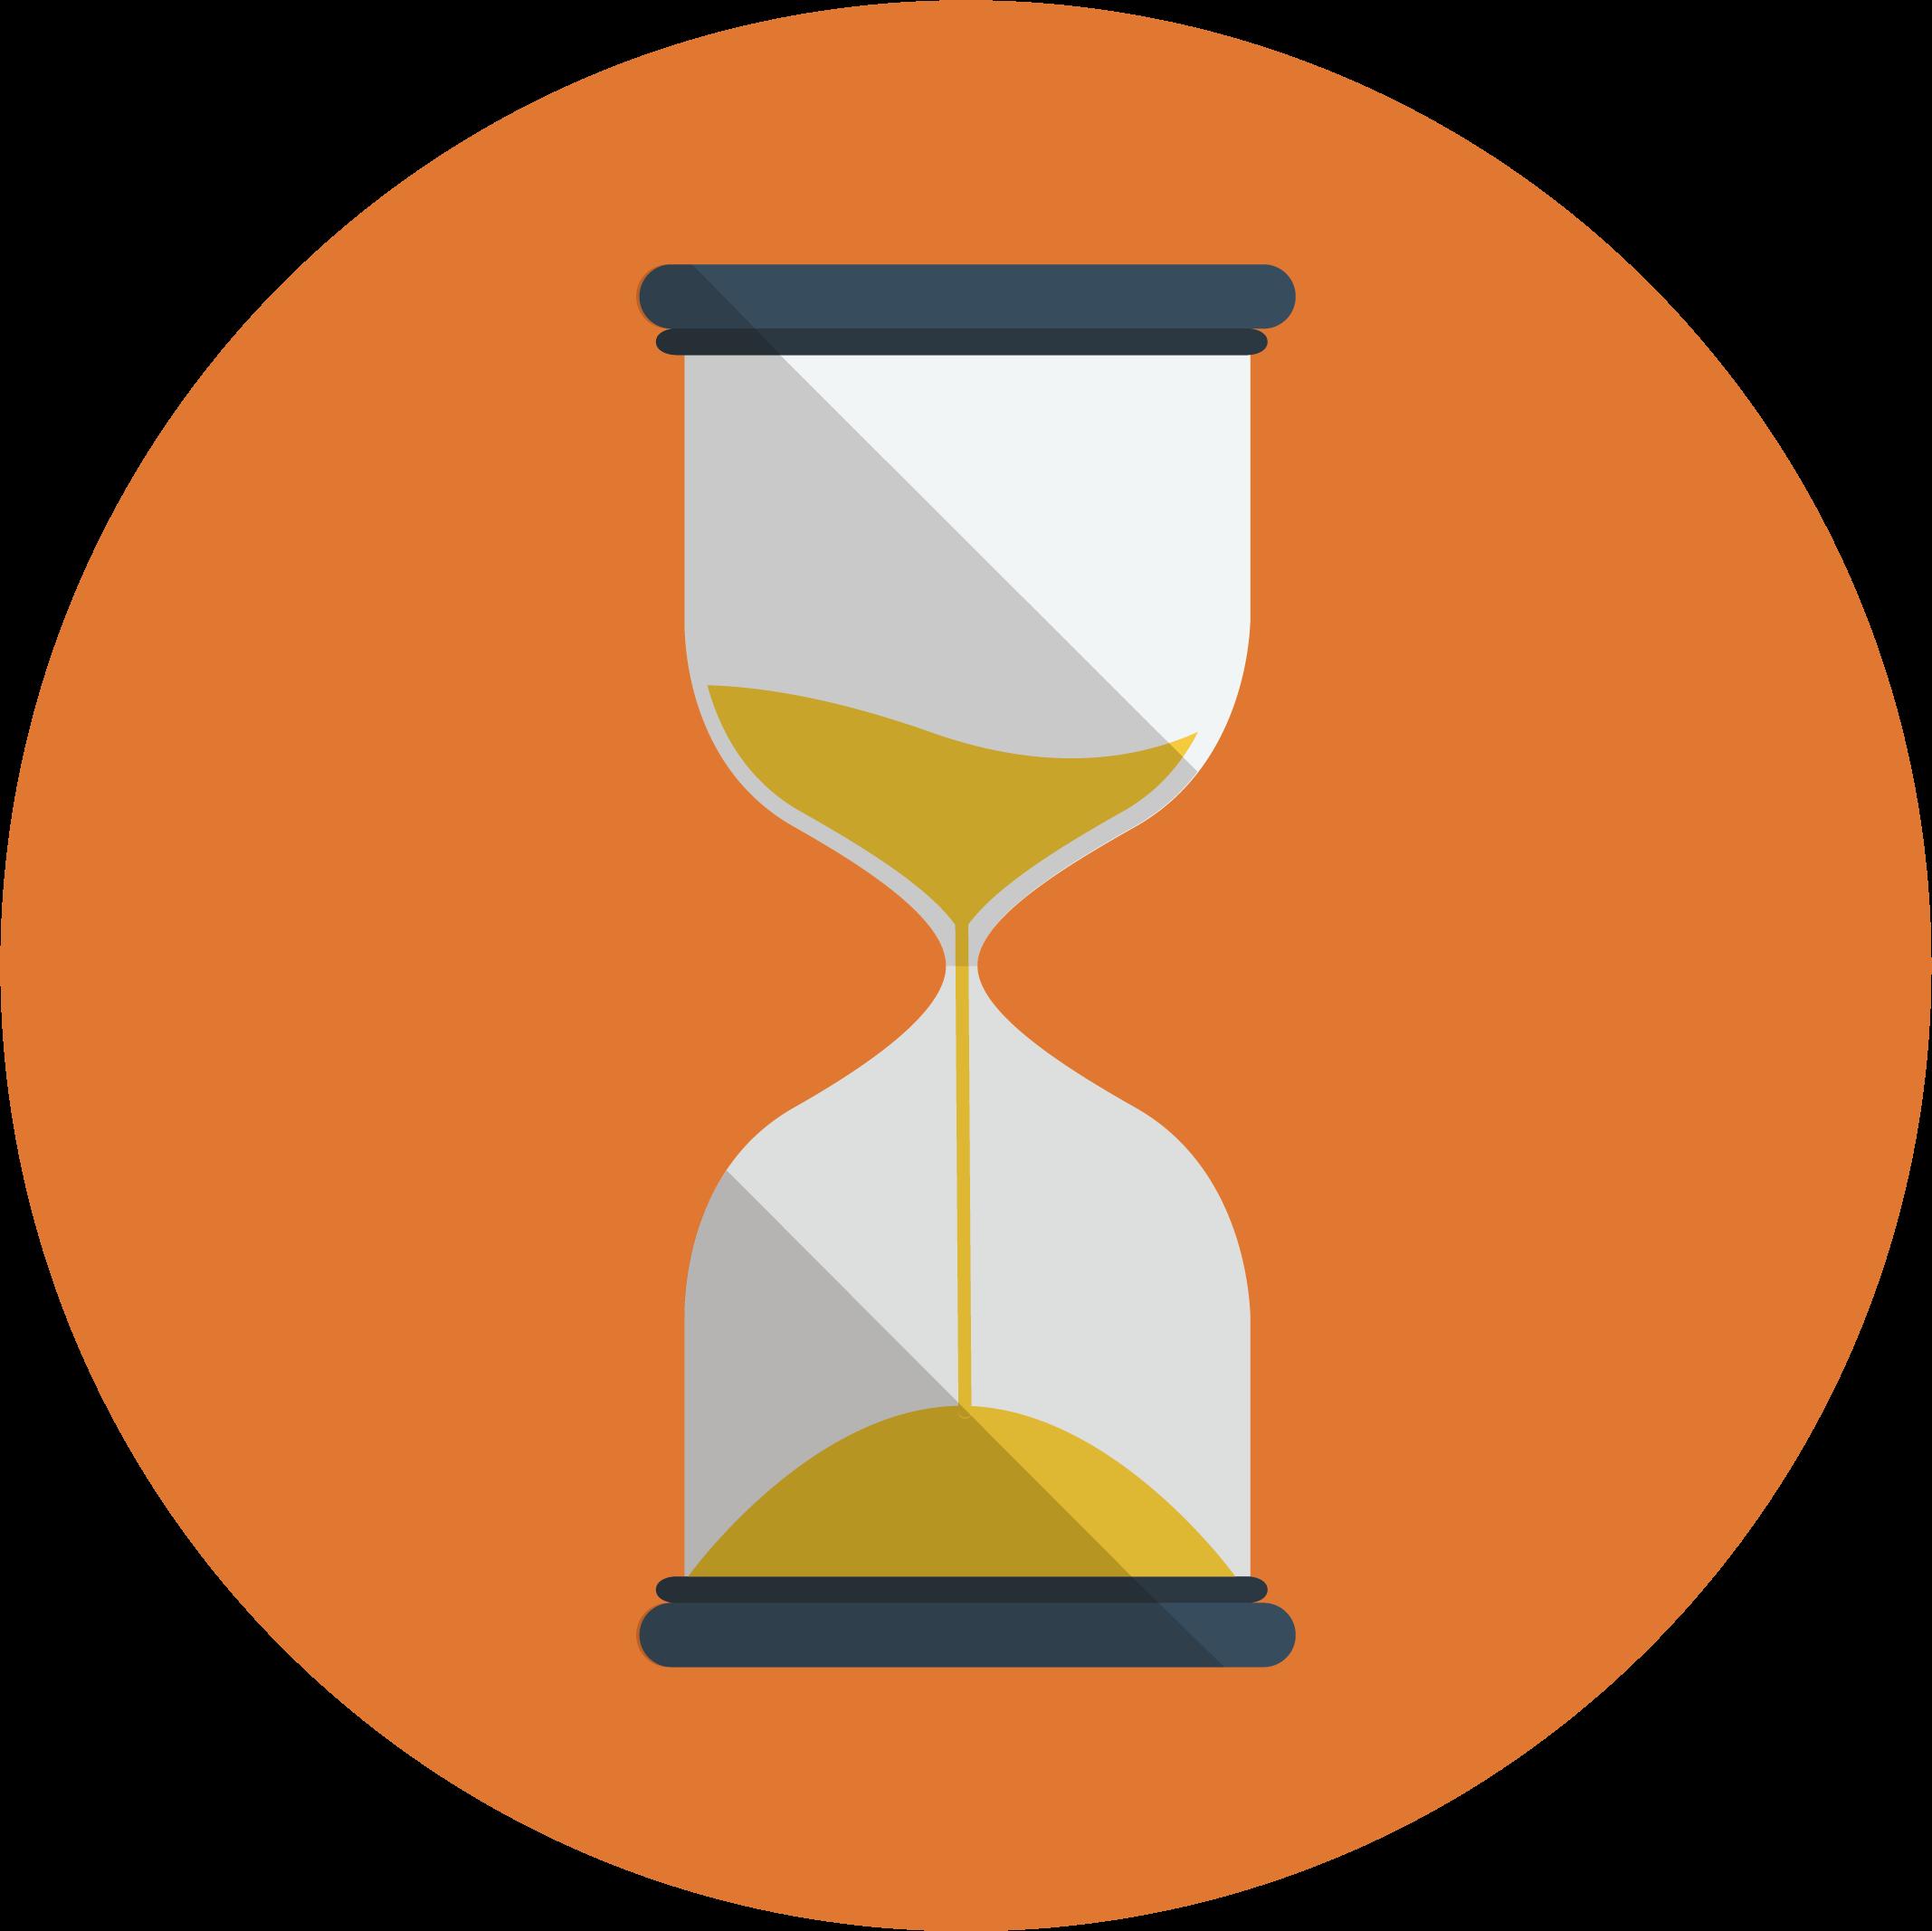 Zeit ist ein immer wichtigerer Faktor in dem Leben vieler Menschen. Mit Online Schulungen können sich Mitarbeiter die Zeit für die Weiterbildung selbst einteilen,